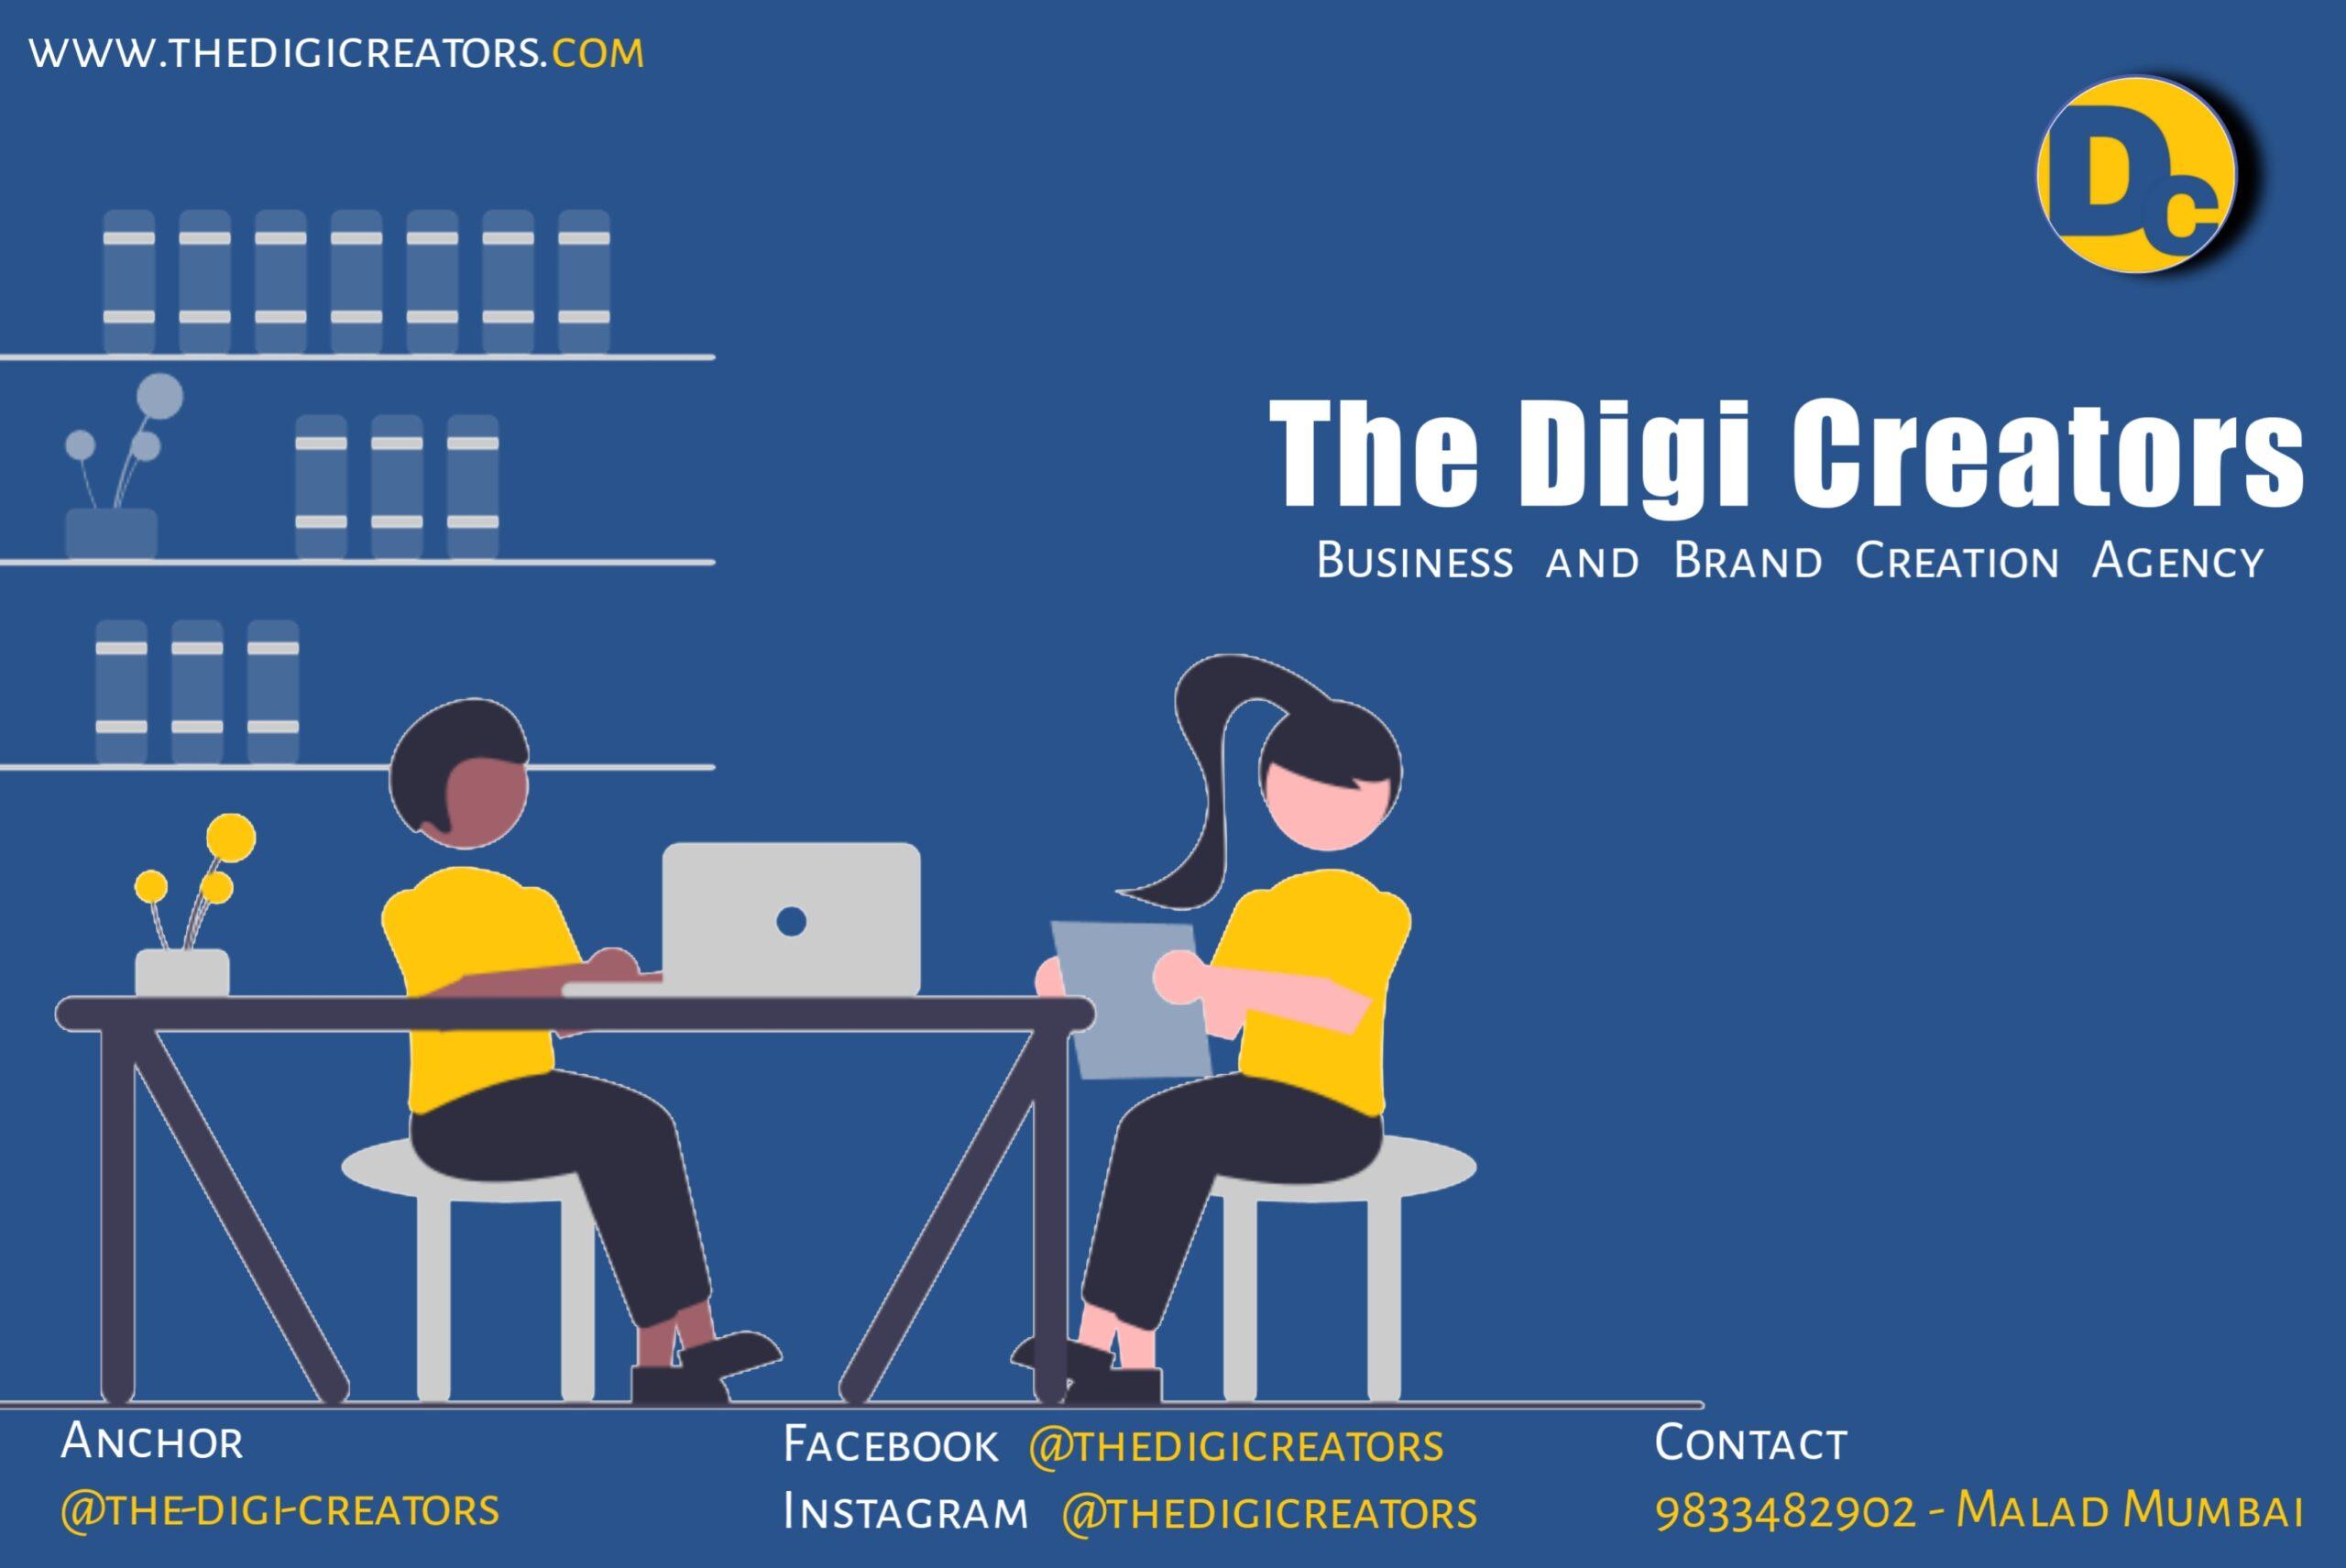 Thedigicreators - Digital Marketing Agency in Mumbai Malad